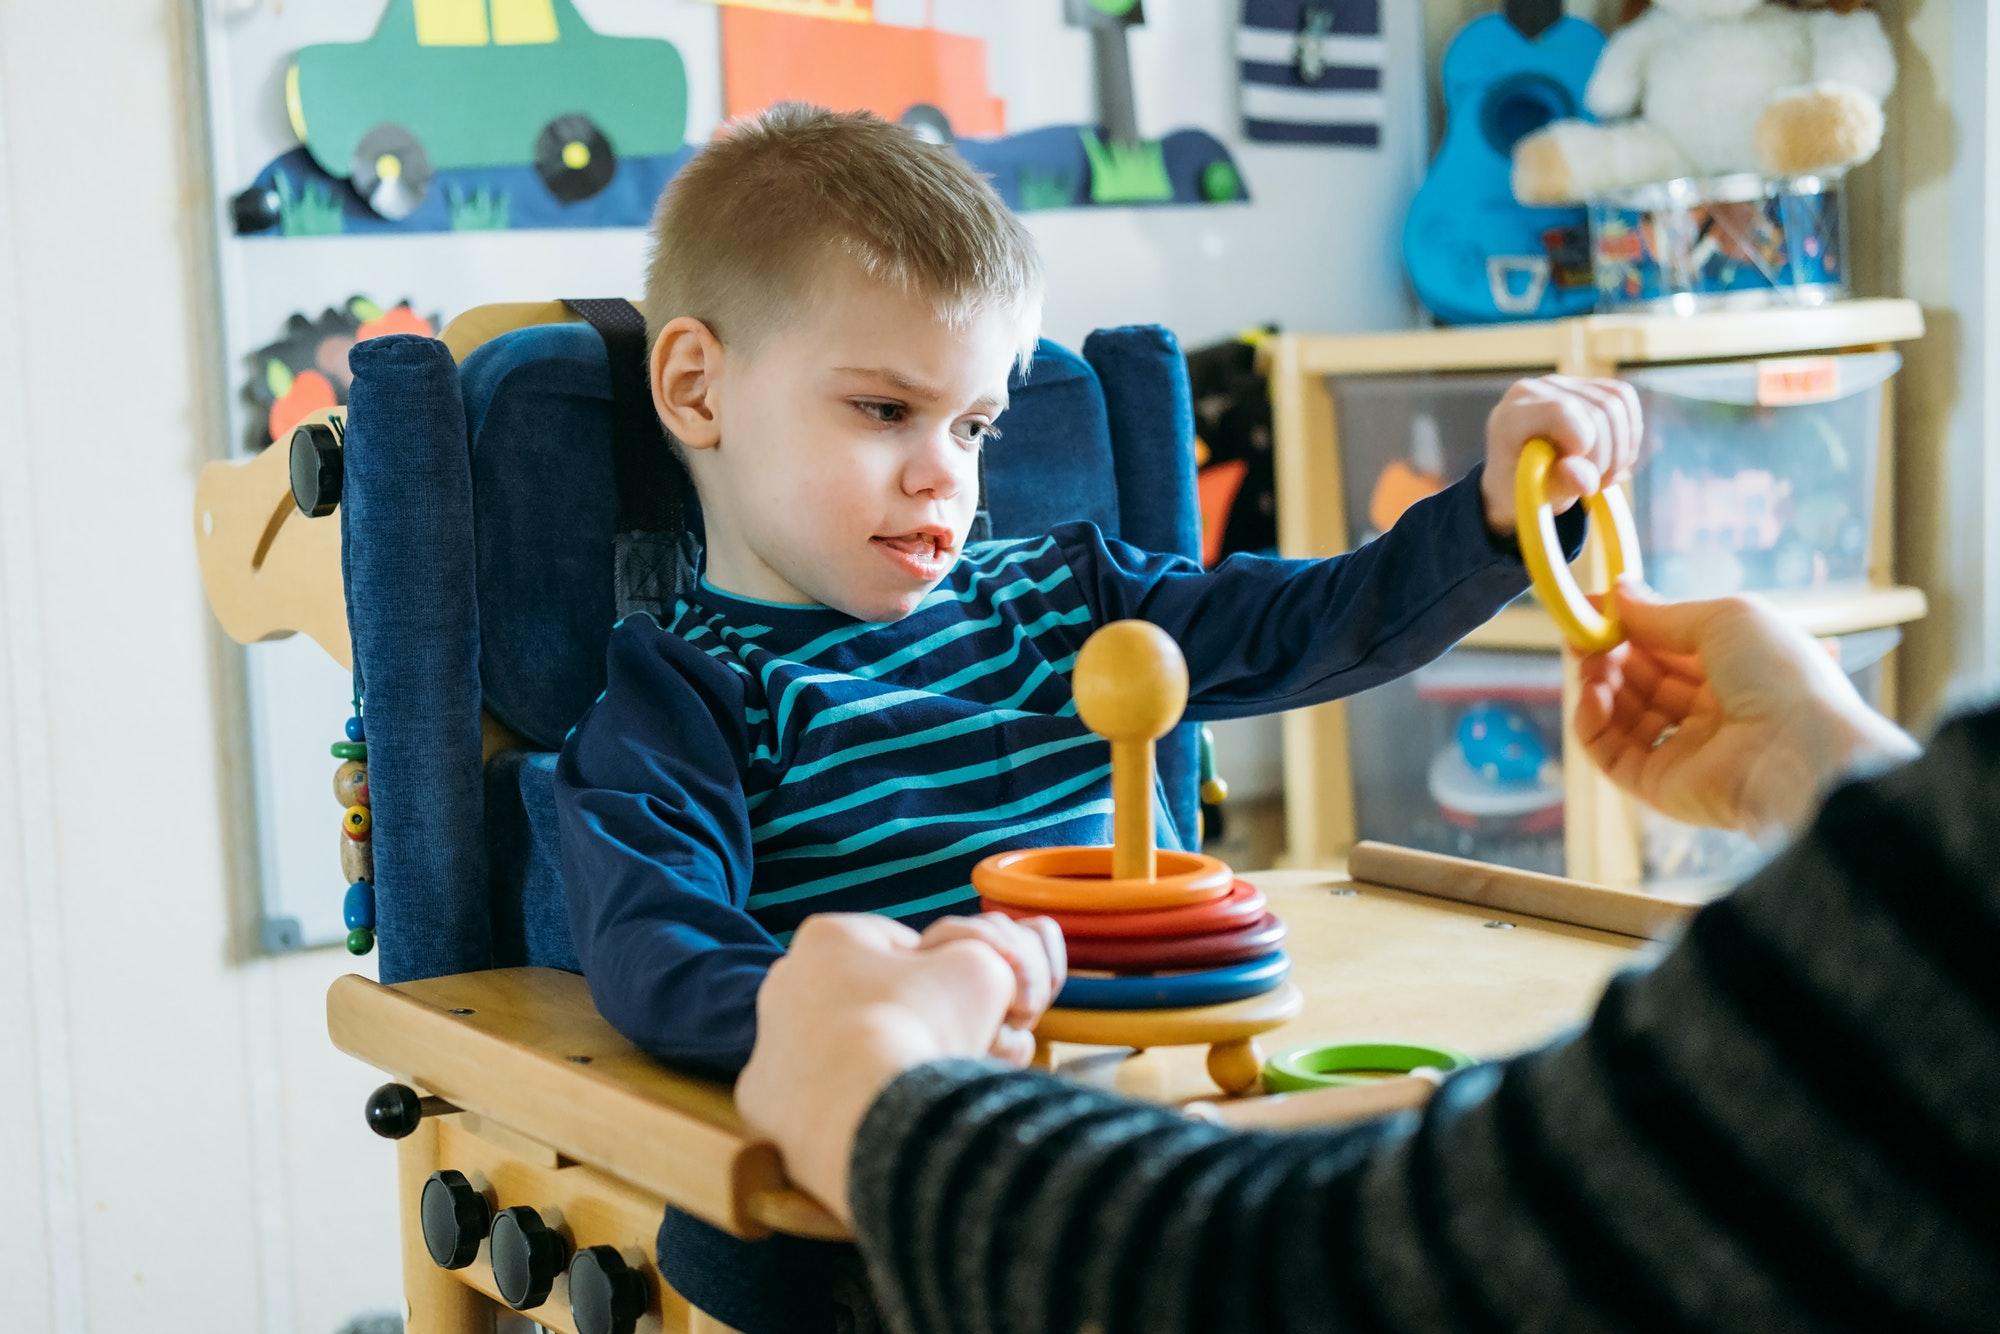 Activities for kids with disabilities. Preschool Activities for Children with Special Needs. Boy